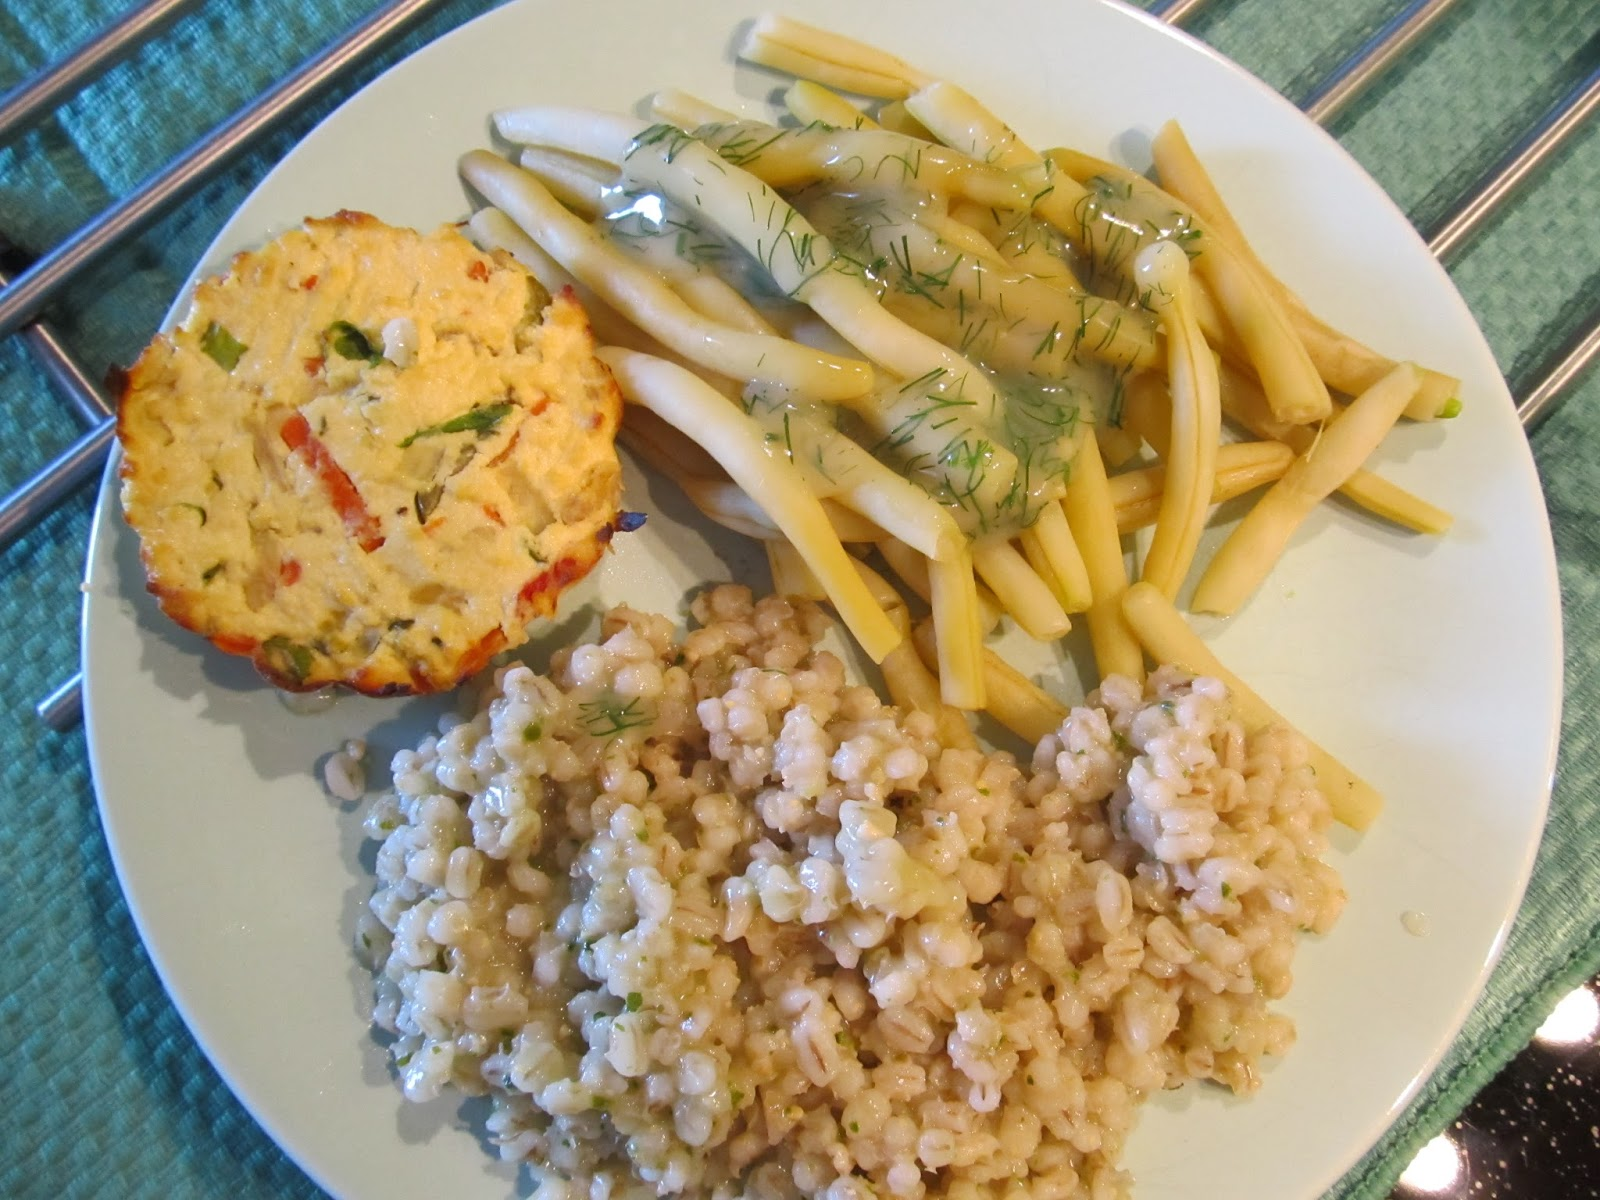 ZIELONA KUCHNIA ZDROWIA Pomysł na obiad pyszny i zdrowy! -> Kuchnia Lidla Pomysl Na Obiad